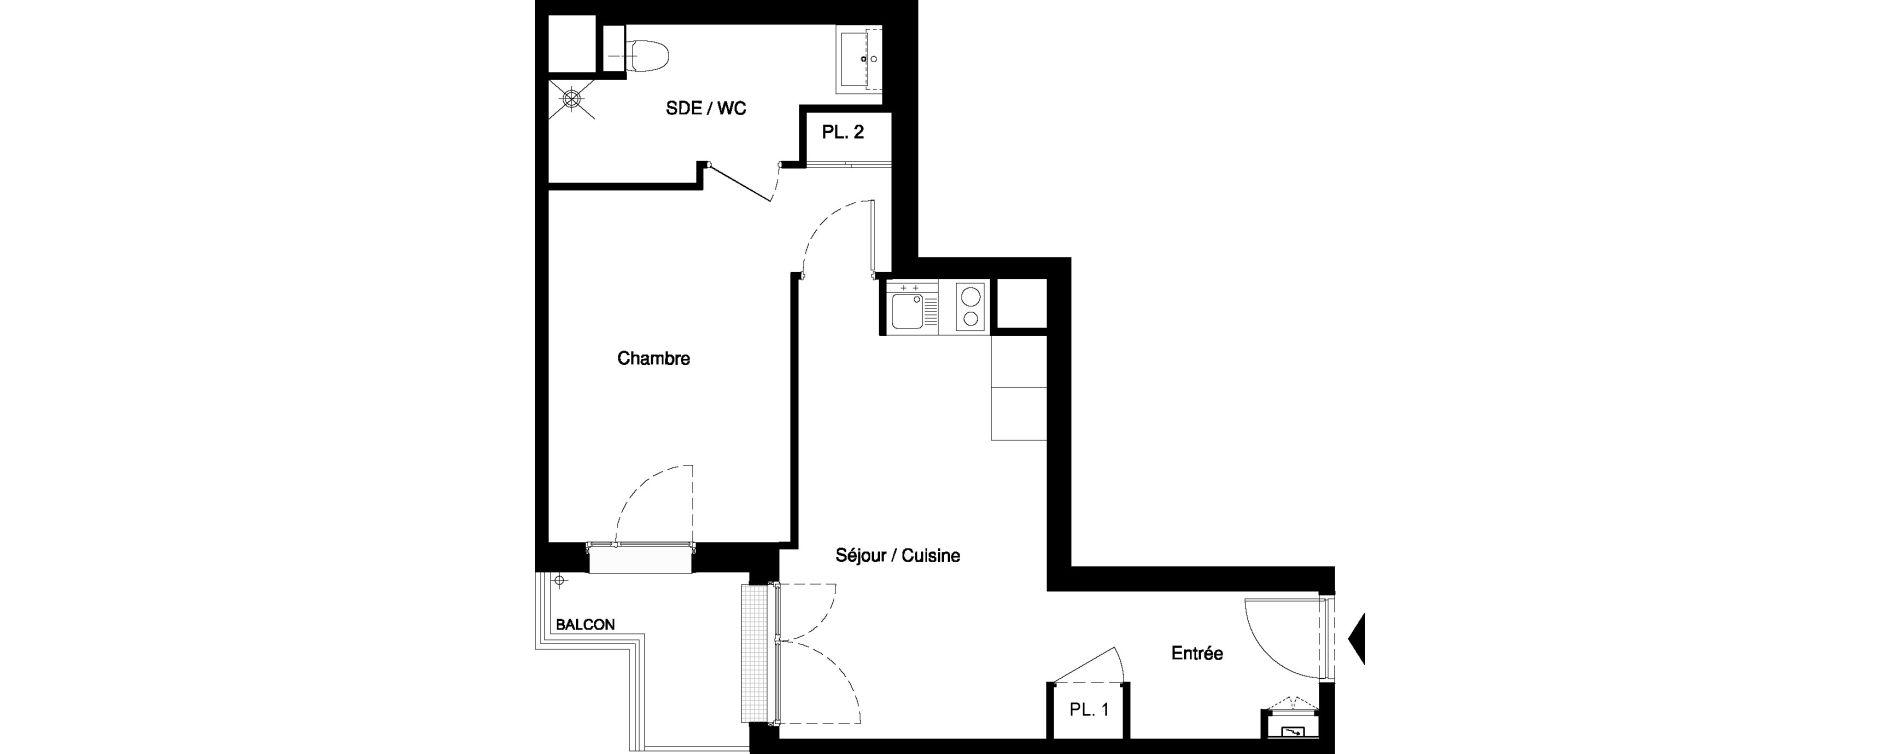 Appartement T2 meublé de 39,90 m2 à Nancy Rives de meurthe